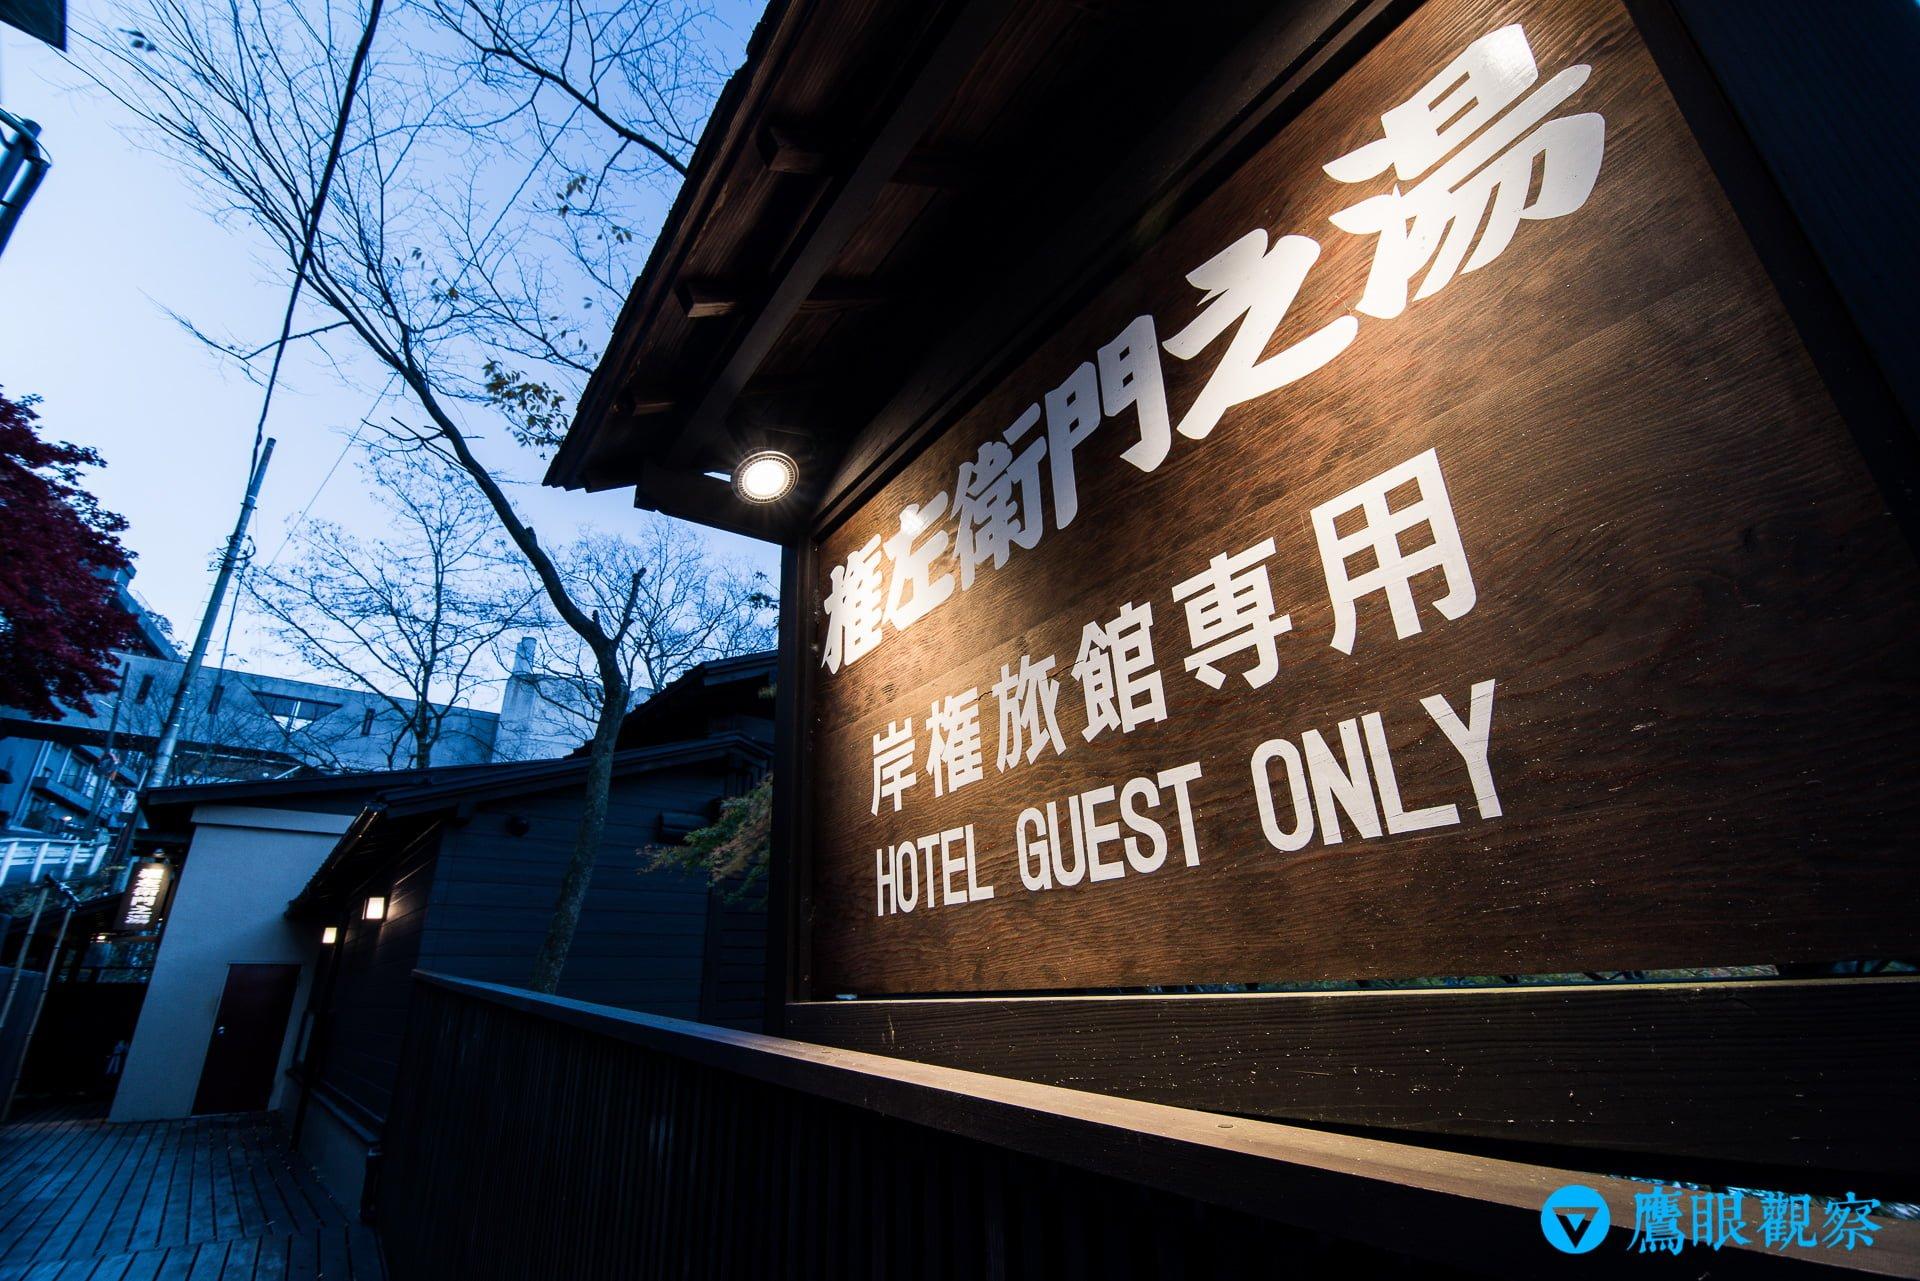 travel Japan gunma kishigon ryokan hotel in izumo spa hot spring 43 群馬縣伊香保溫泉「岸權旅館」日本旅館住宿推薦